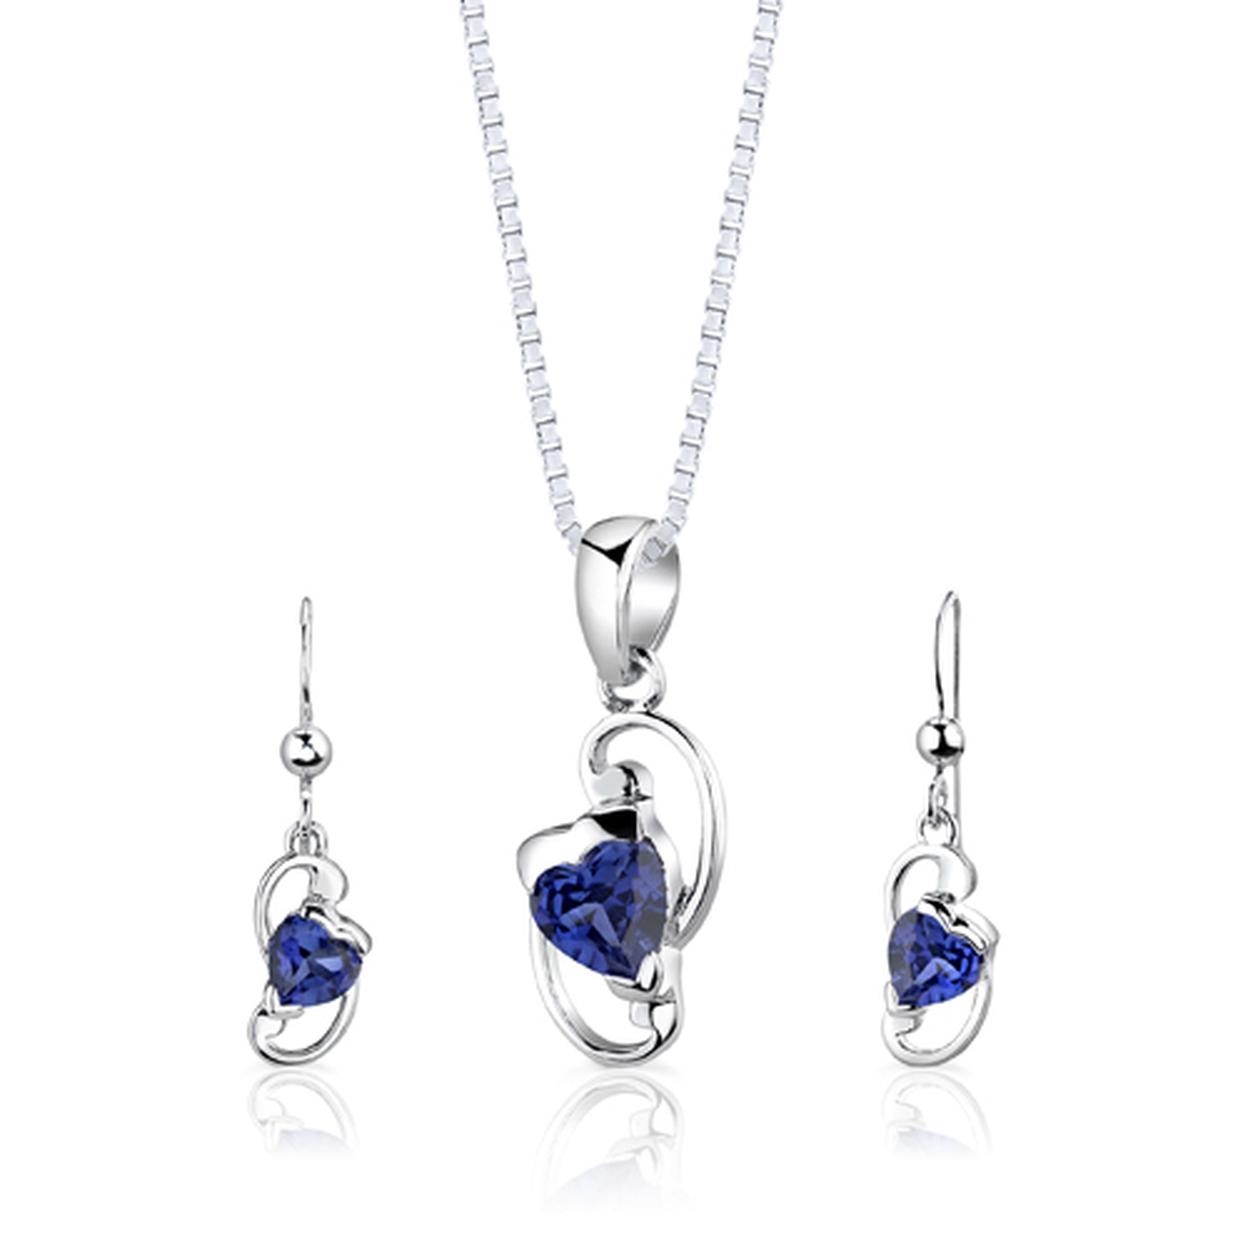 Sterling Silver Heart Shape Sapphire Pendant Earrings Set Style Ss2844